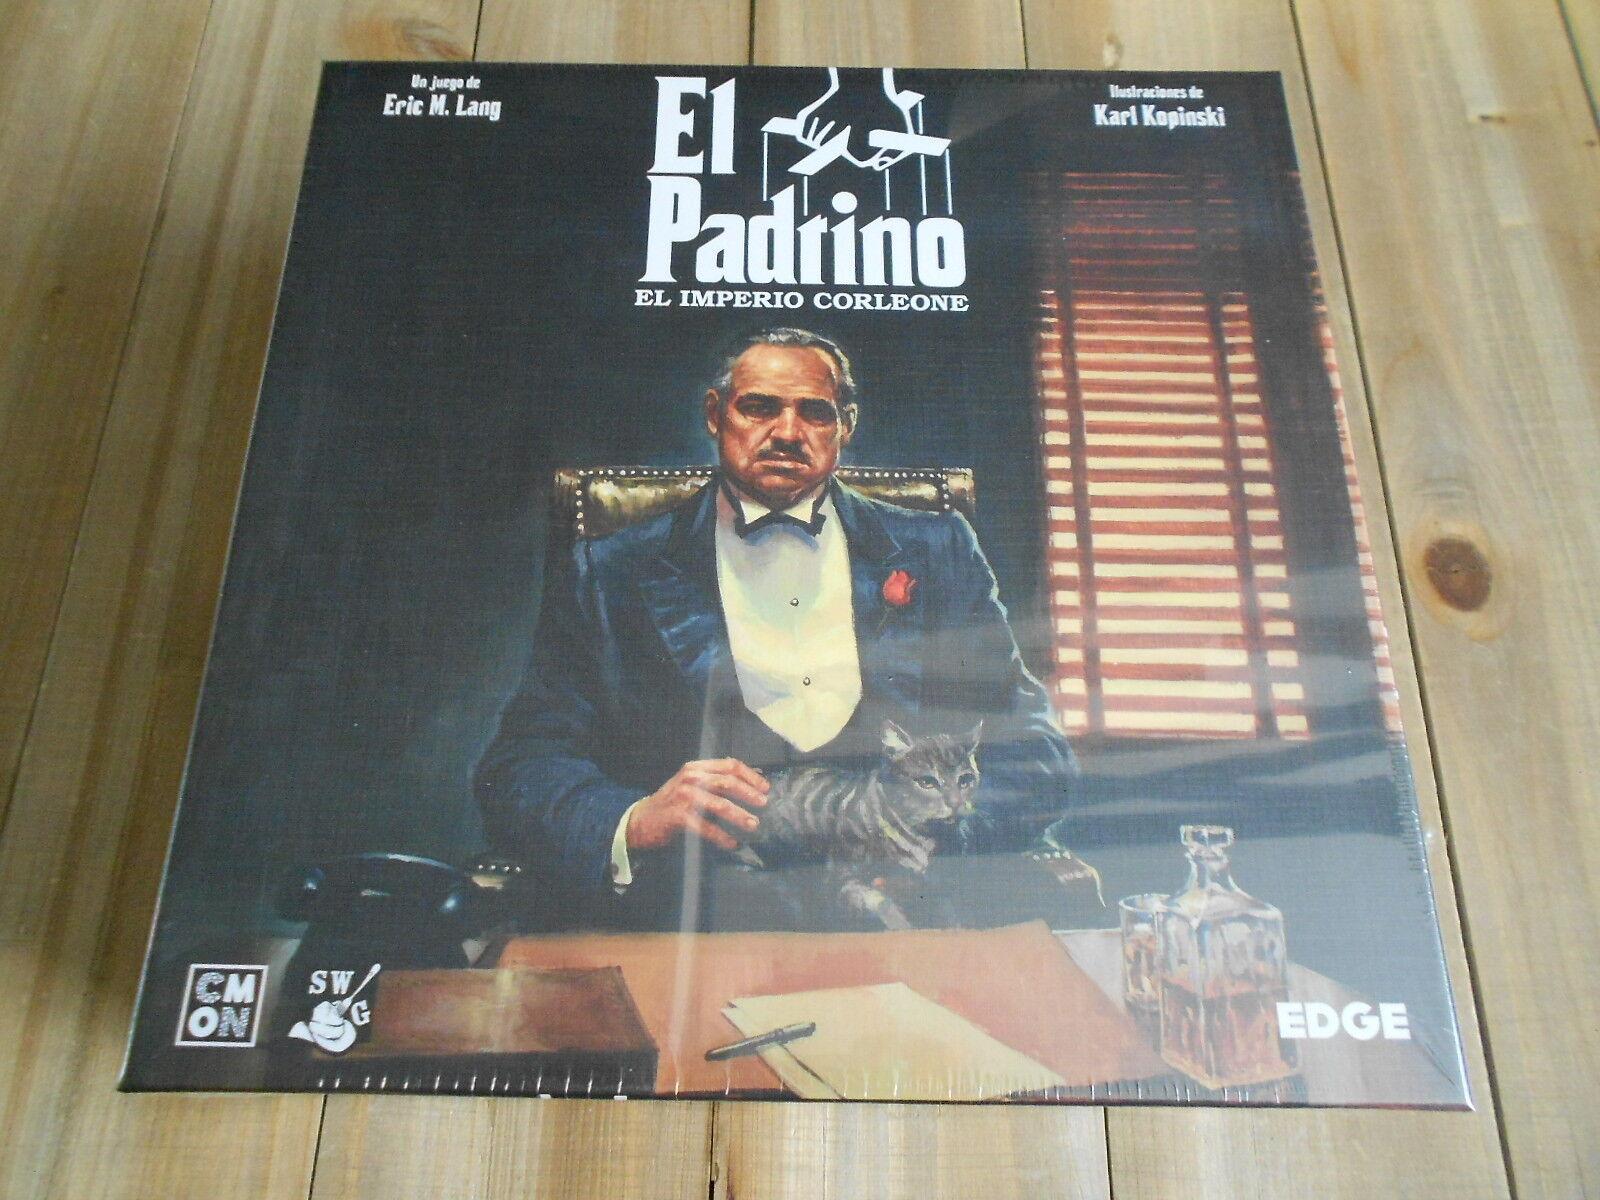 Juego de mesa EL PADRINO - El Imperio Corleone - EDGE - Precintado - Temático